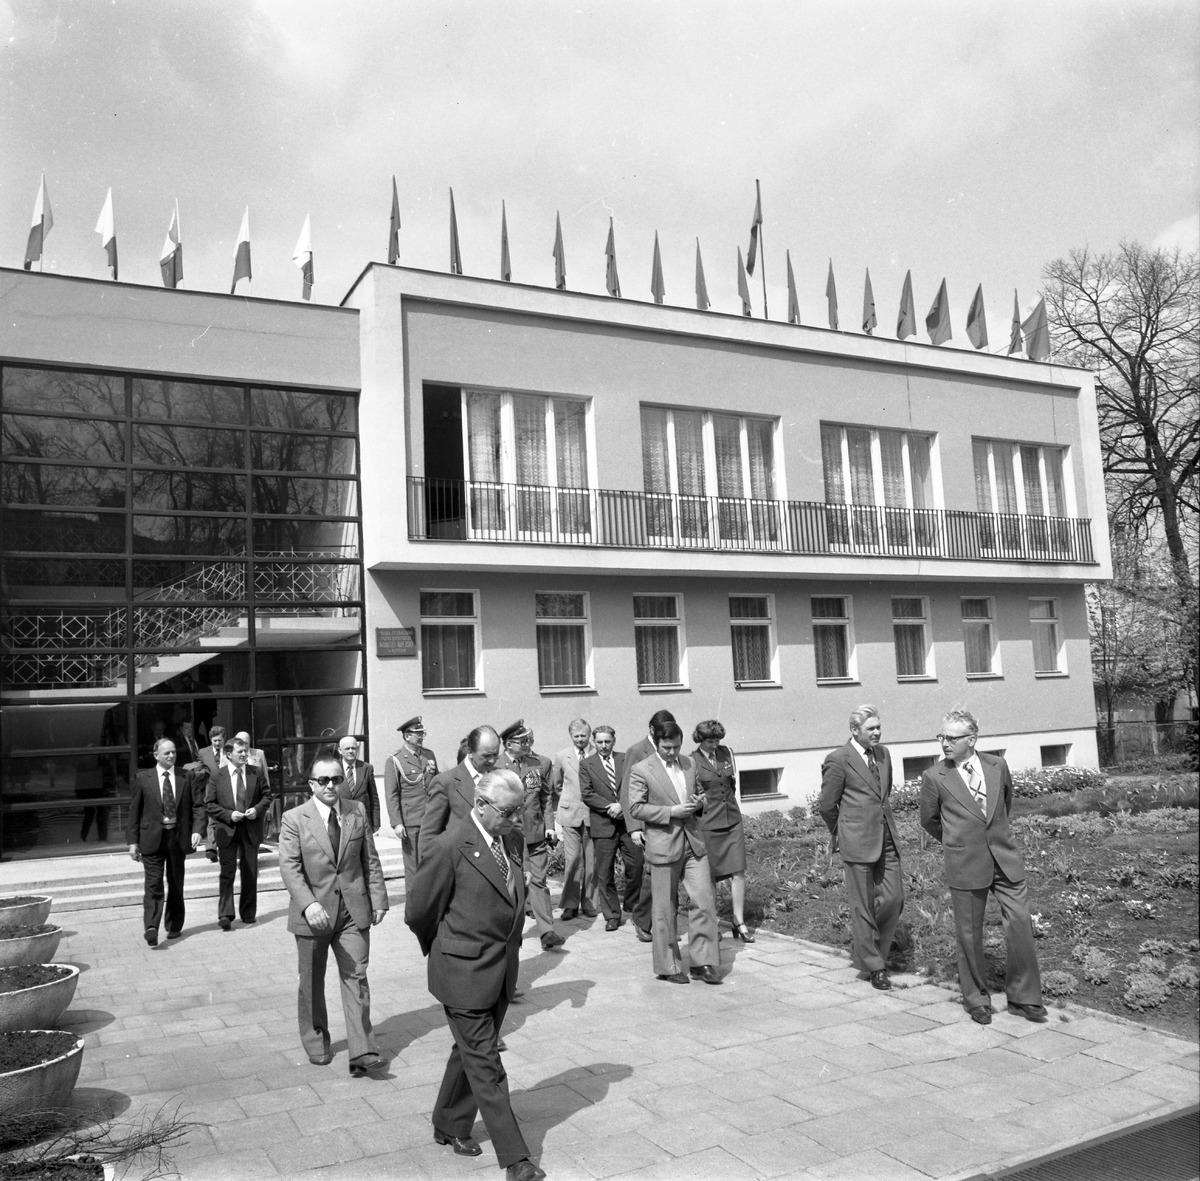 Uroczystość odsłonięcia pomnika żołnierzy radzieckich [2]